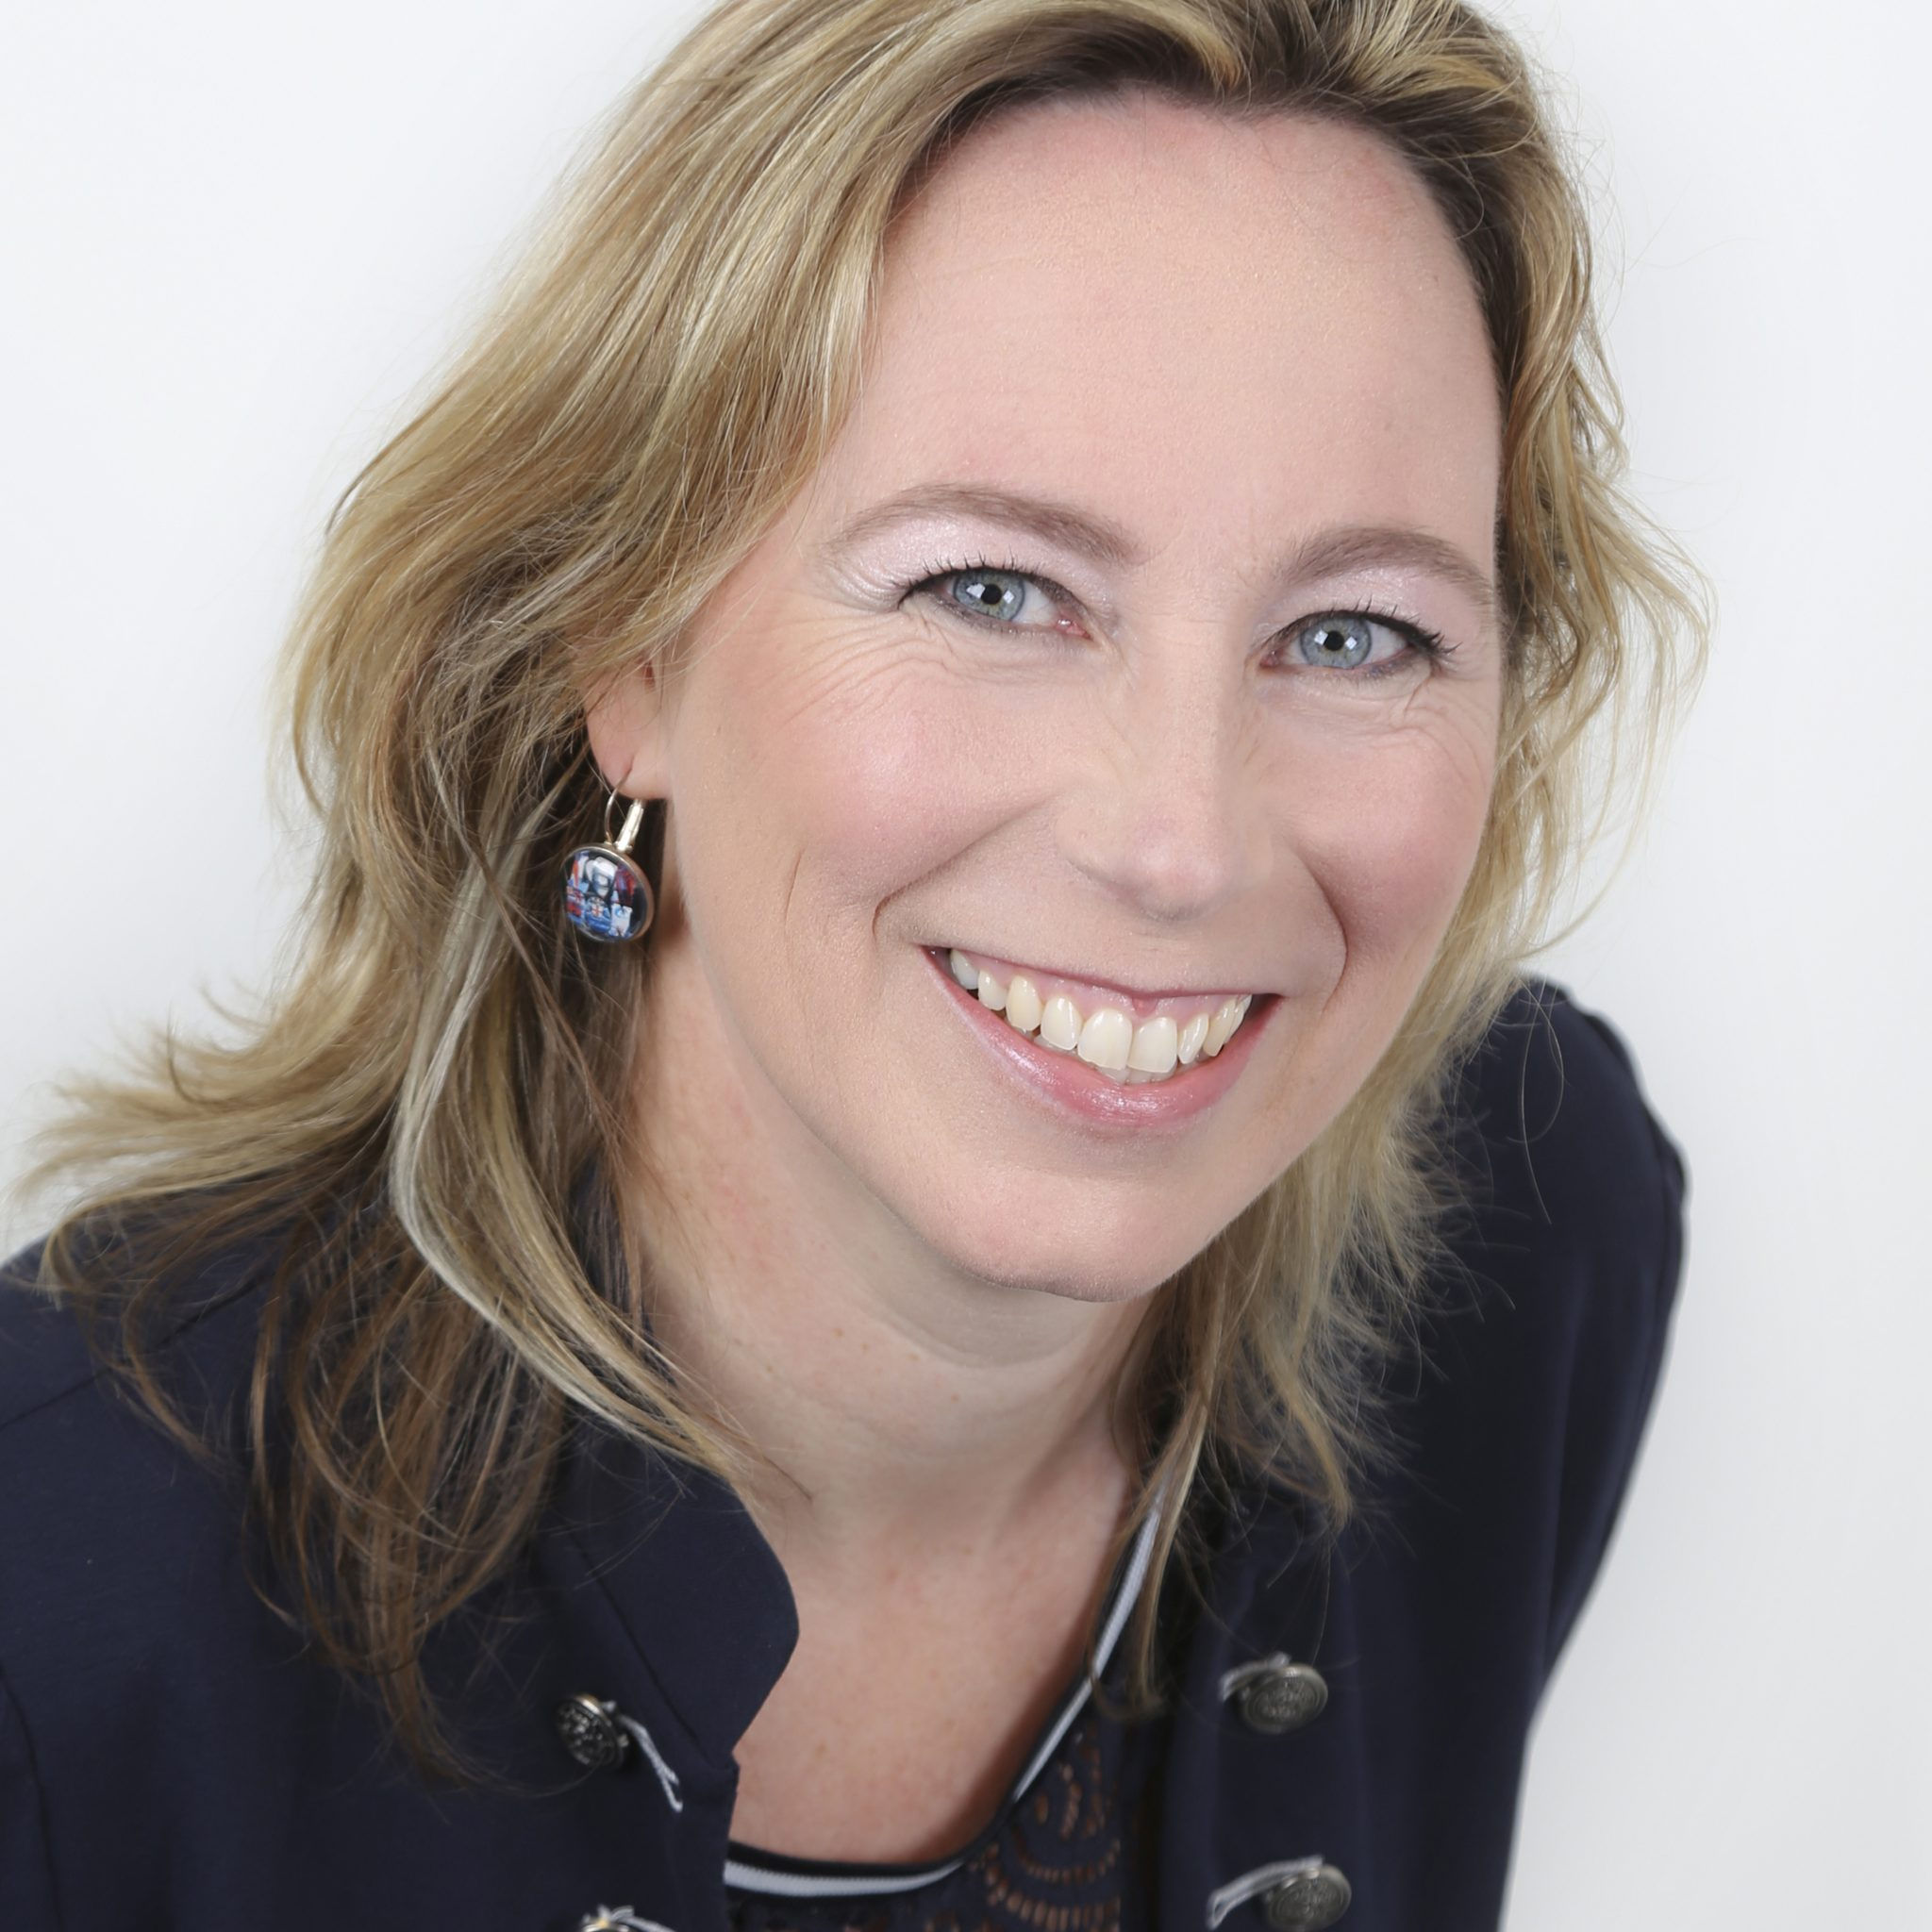 Lyane Saarberg